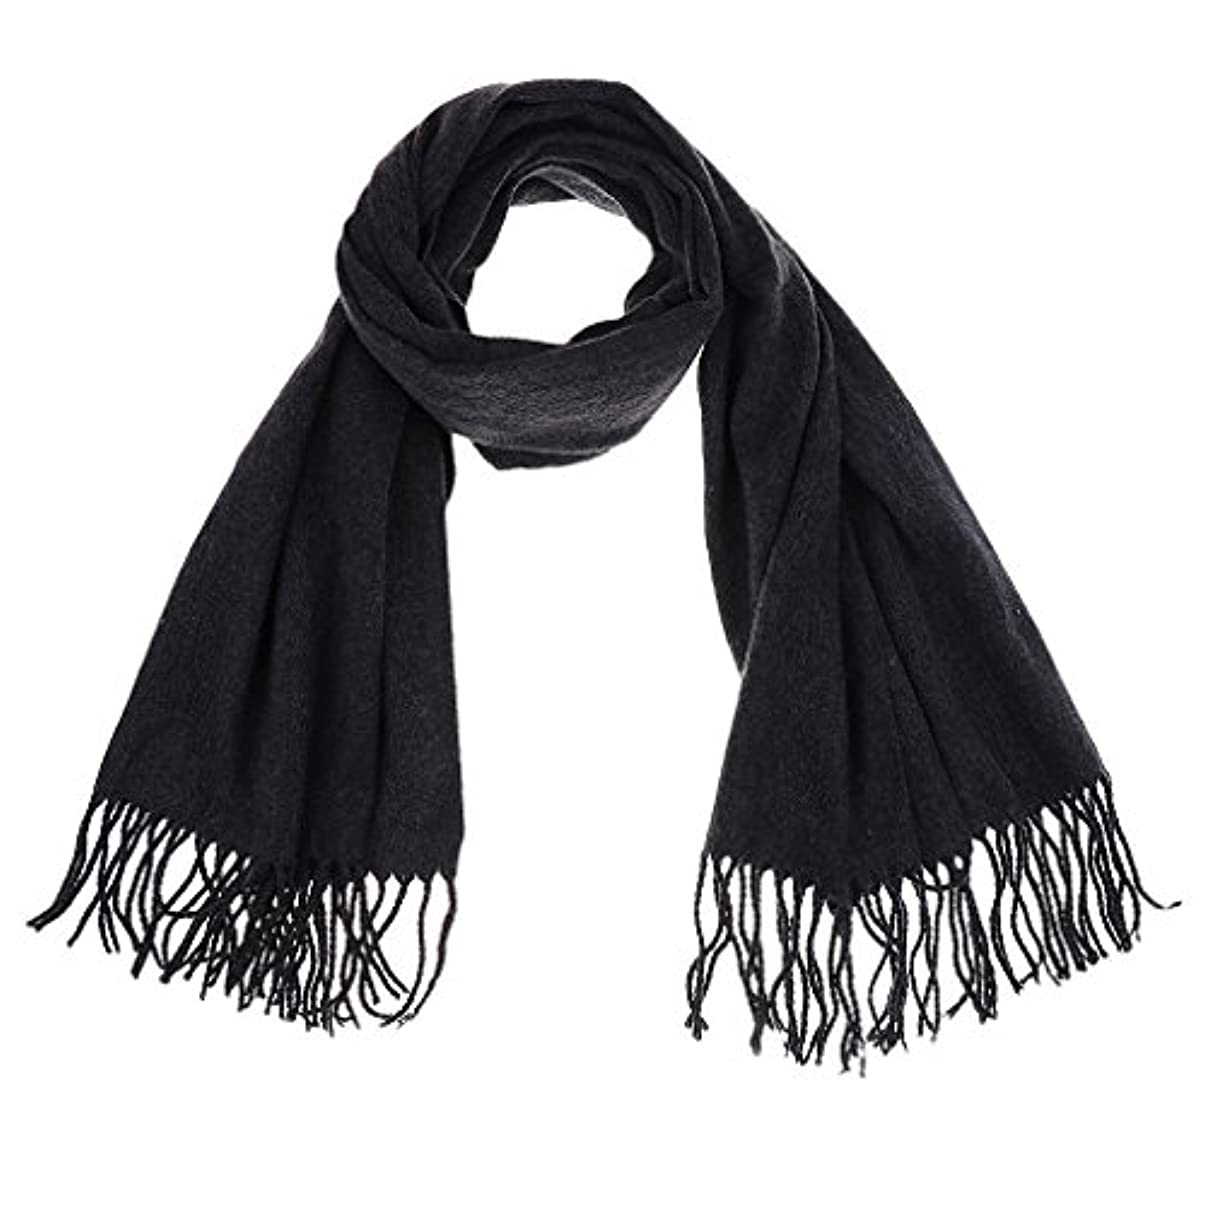 キャロライン十分センチメートルFenteer カシミアブレンド パシュミナ ソリッド タッセル ショール ラップ スカーフ  女性 冬 贈り物 全4色